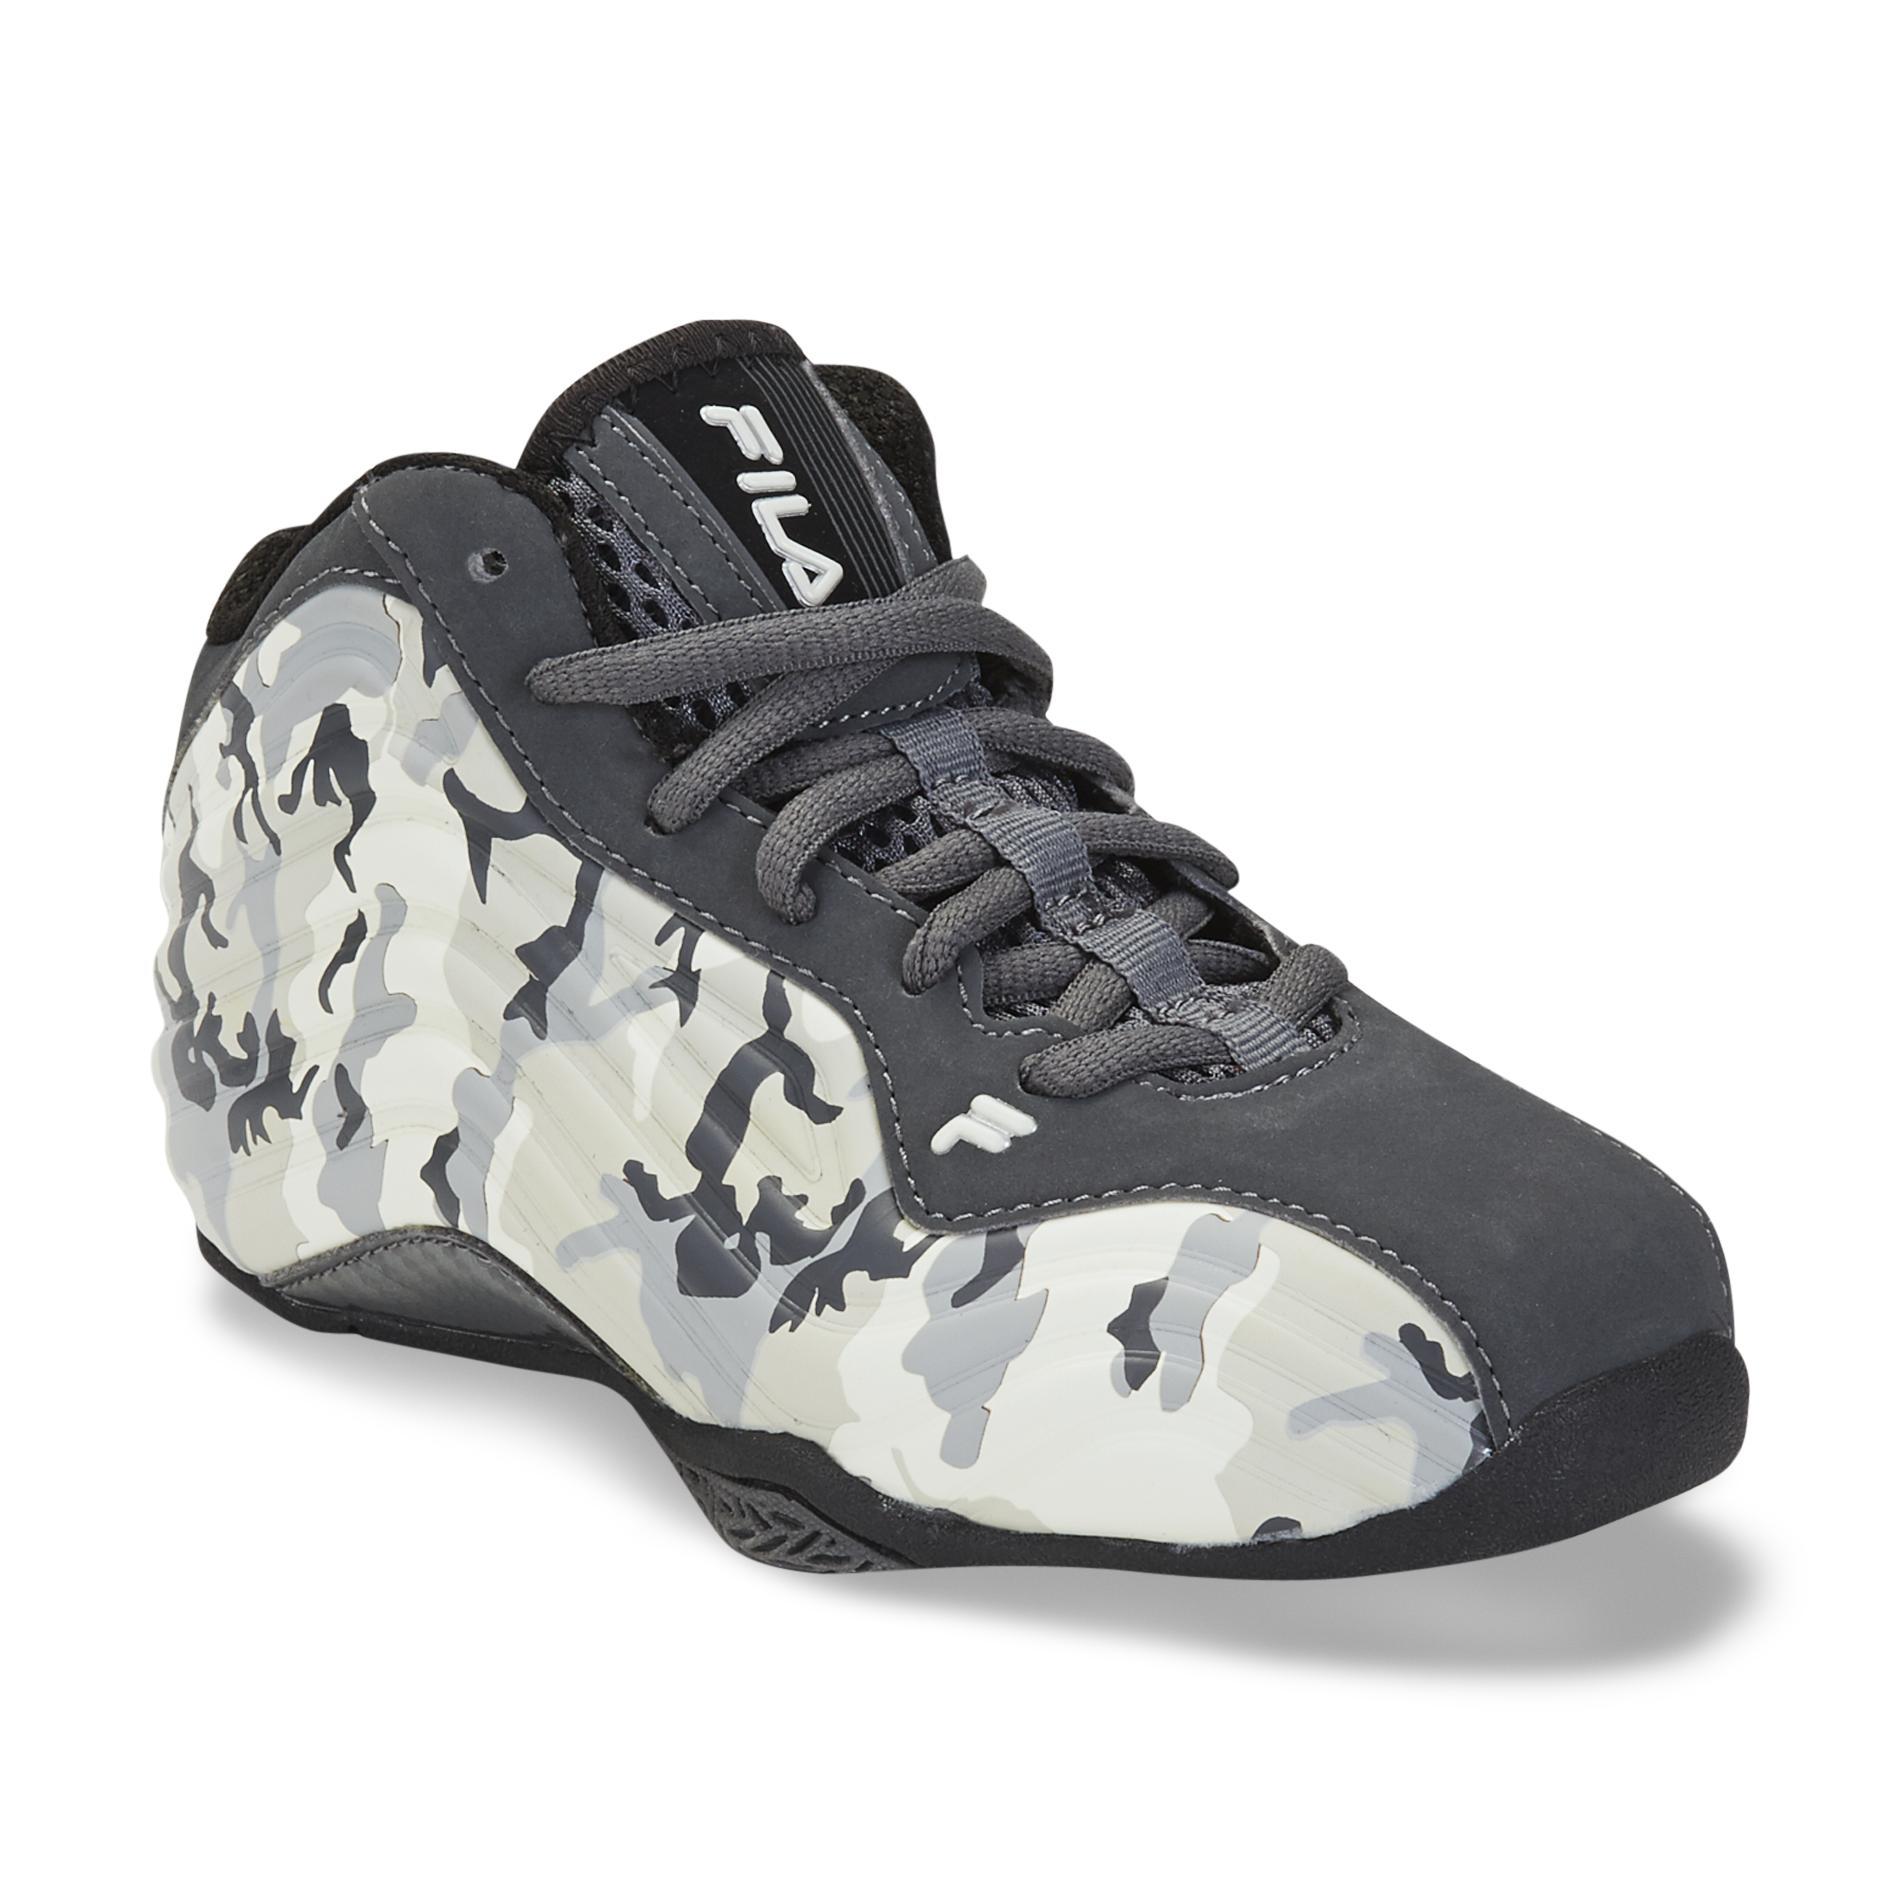 Fila Boys Vindicator GreyCamouflage High Top Basketball